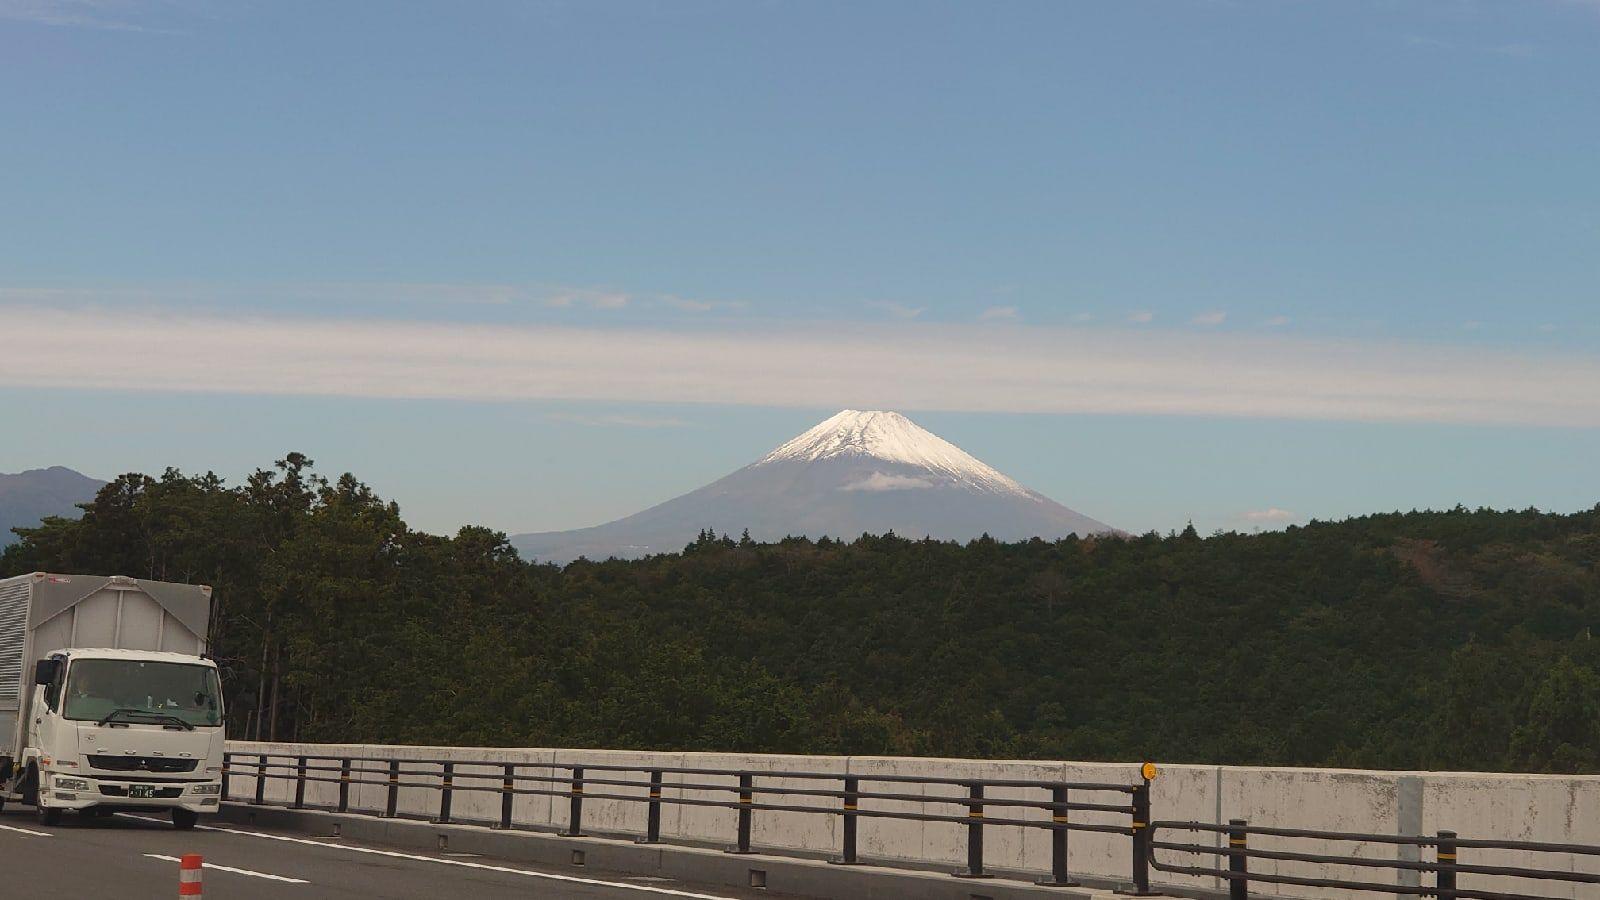 Один мой день в префектуре Сидзока, Япония, я покажу вам долгожданную семейную поездку, фото 12